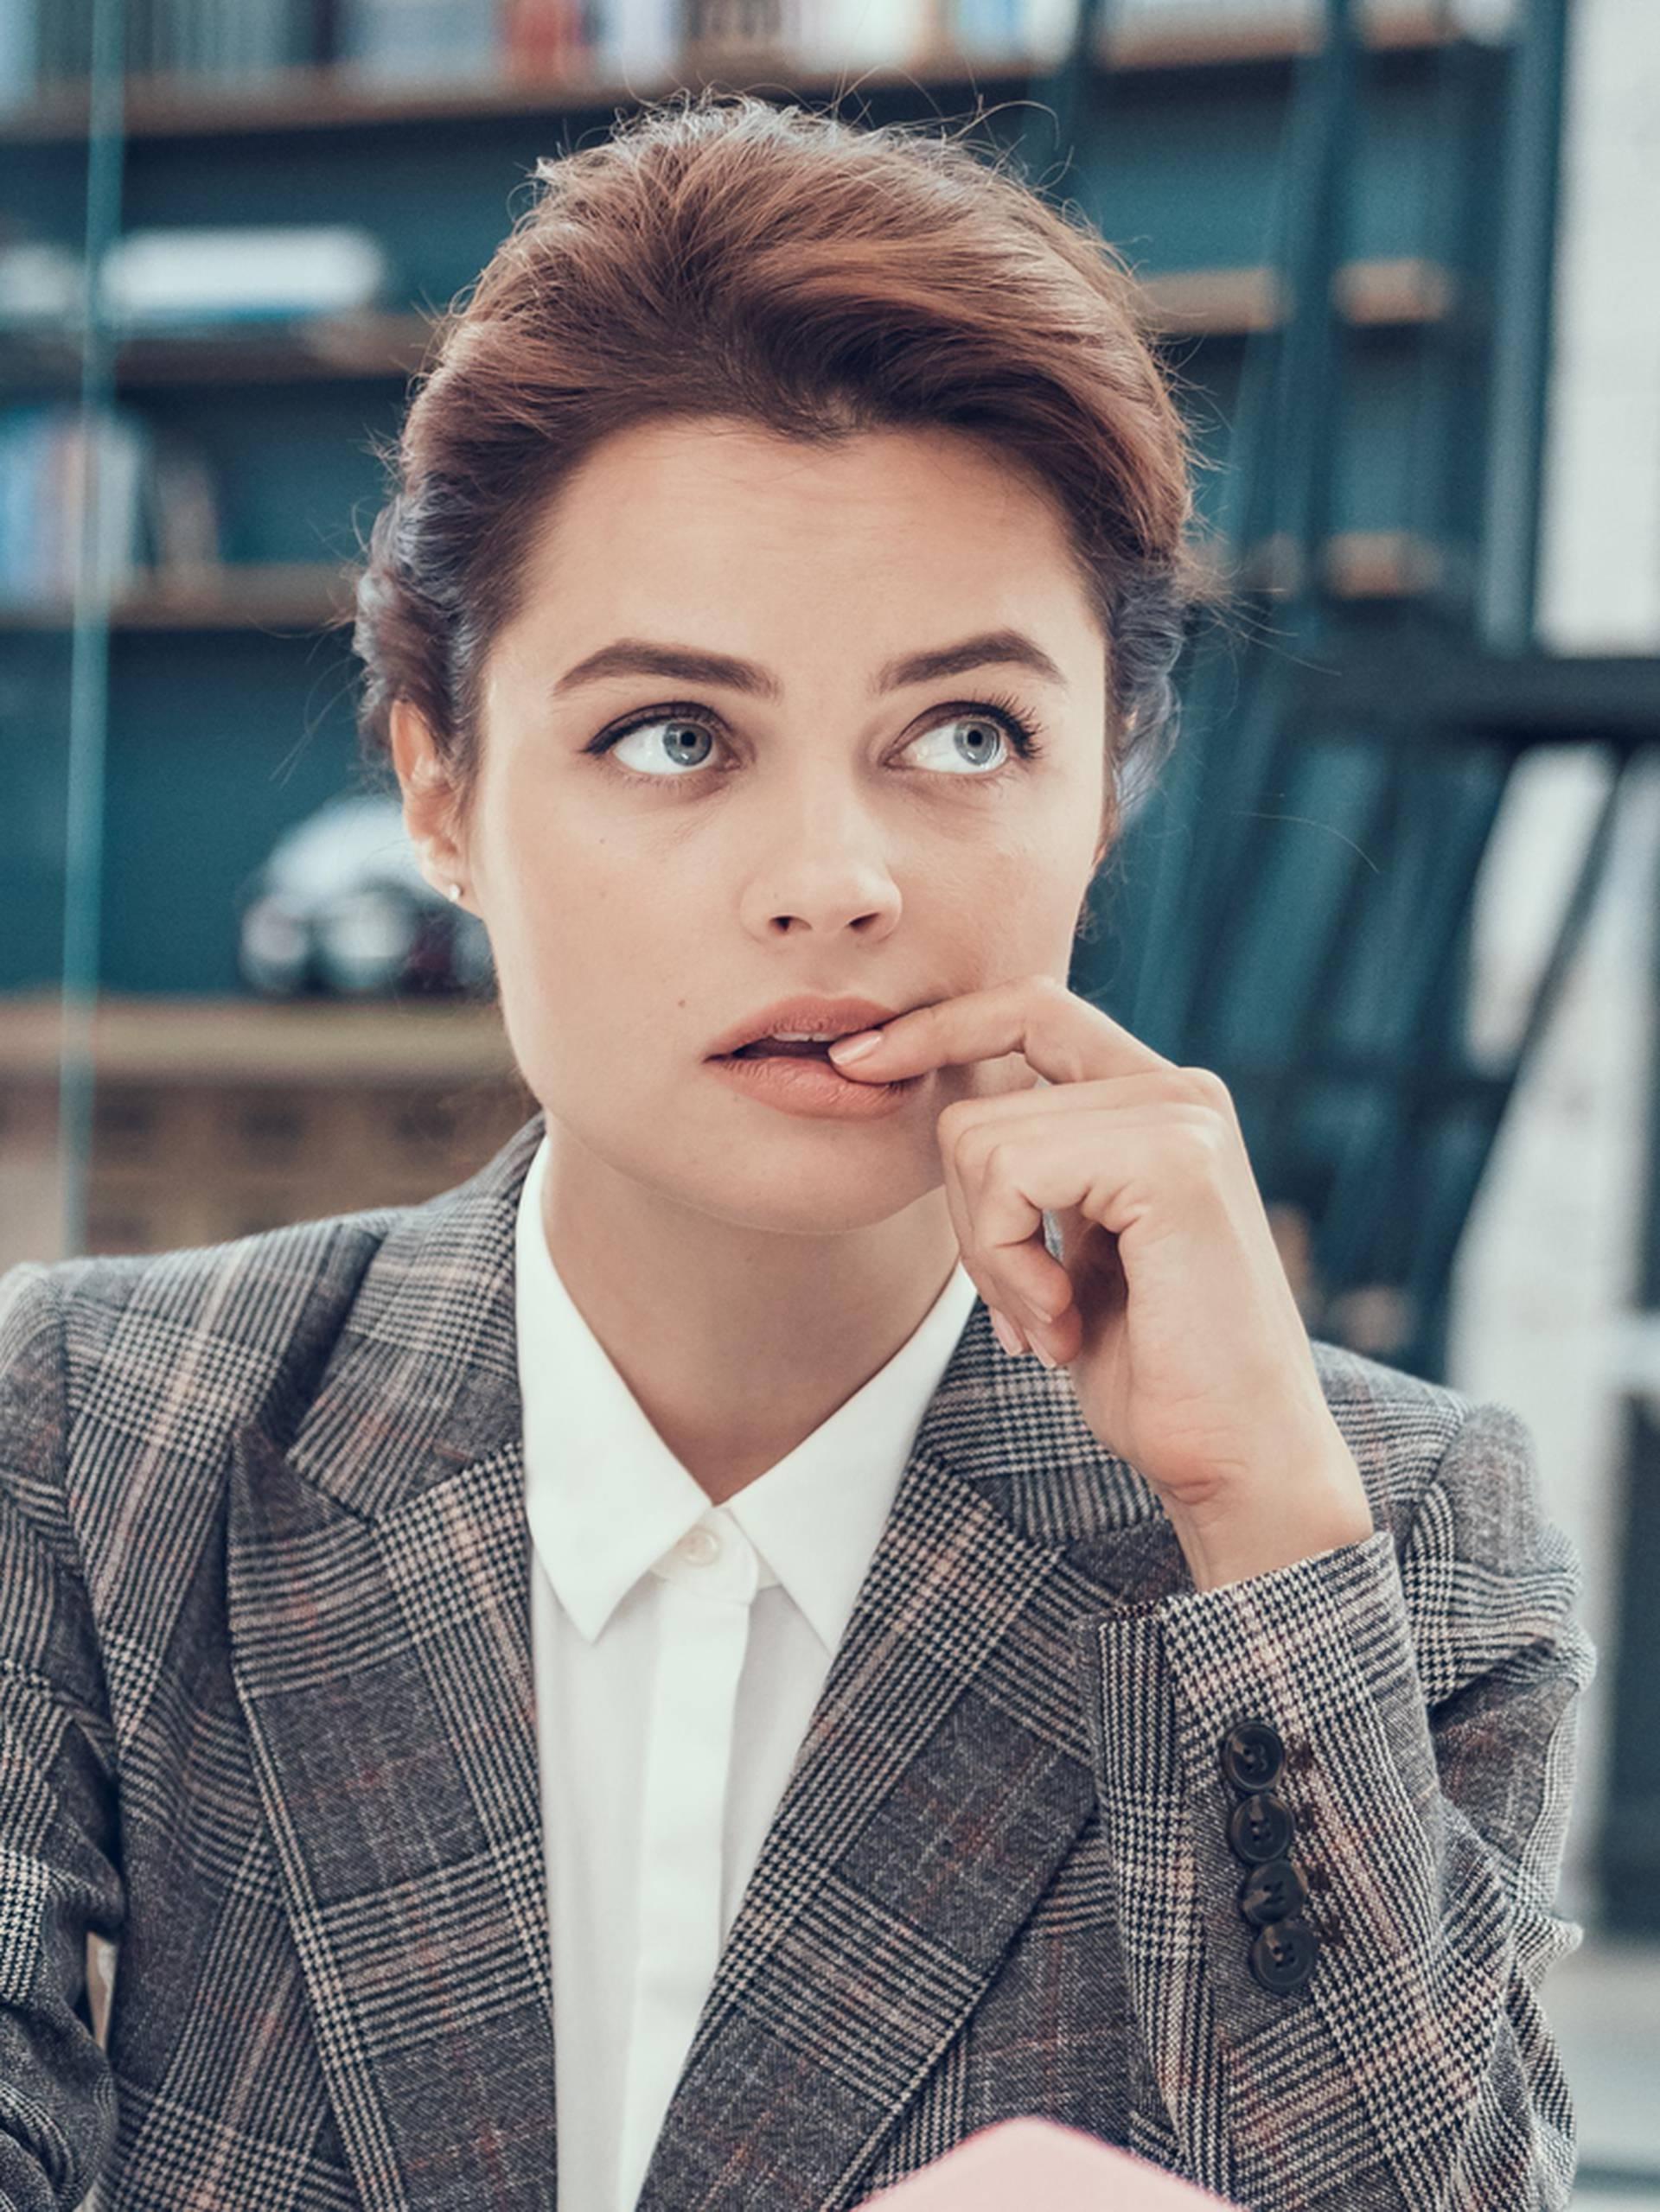 Sindrom uljeza na poslu: Zašto ste nevidljivi iako sve radite kako treba i dobar ste radnik?